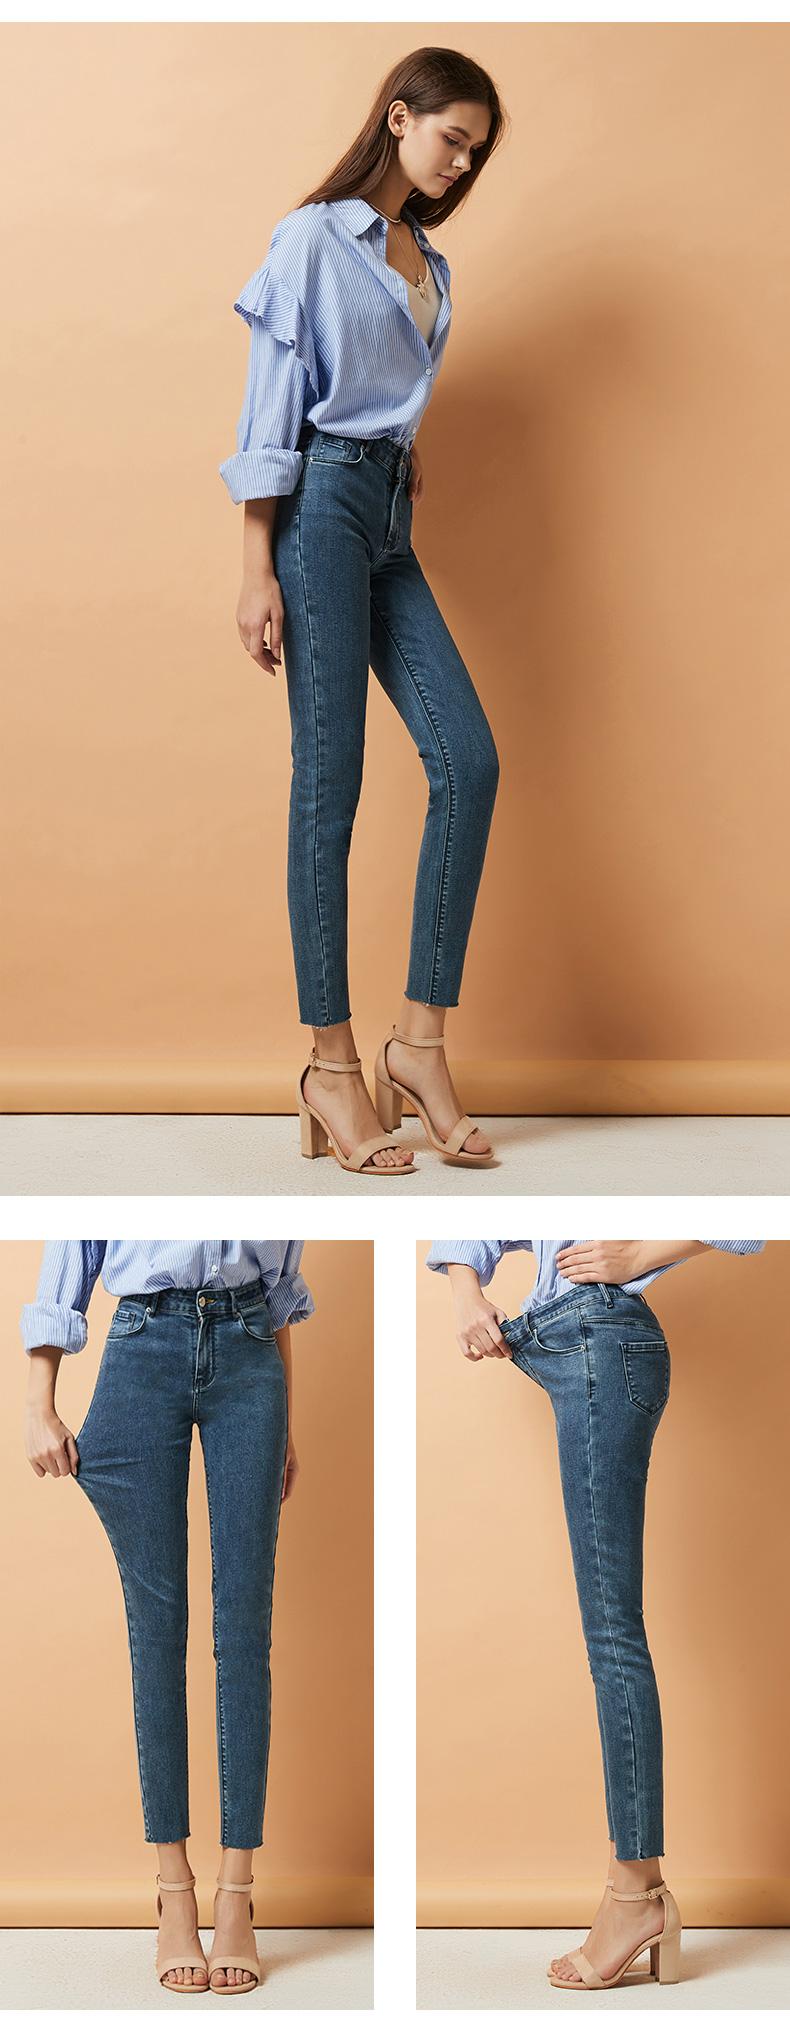 浅蓝色修身九分牛仔烟管裤女士春夏季新款高腰显瘦显高裤子详细照片